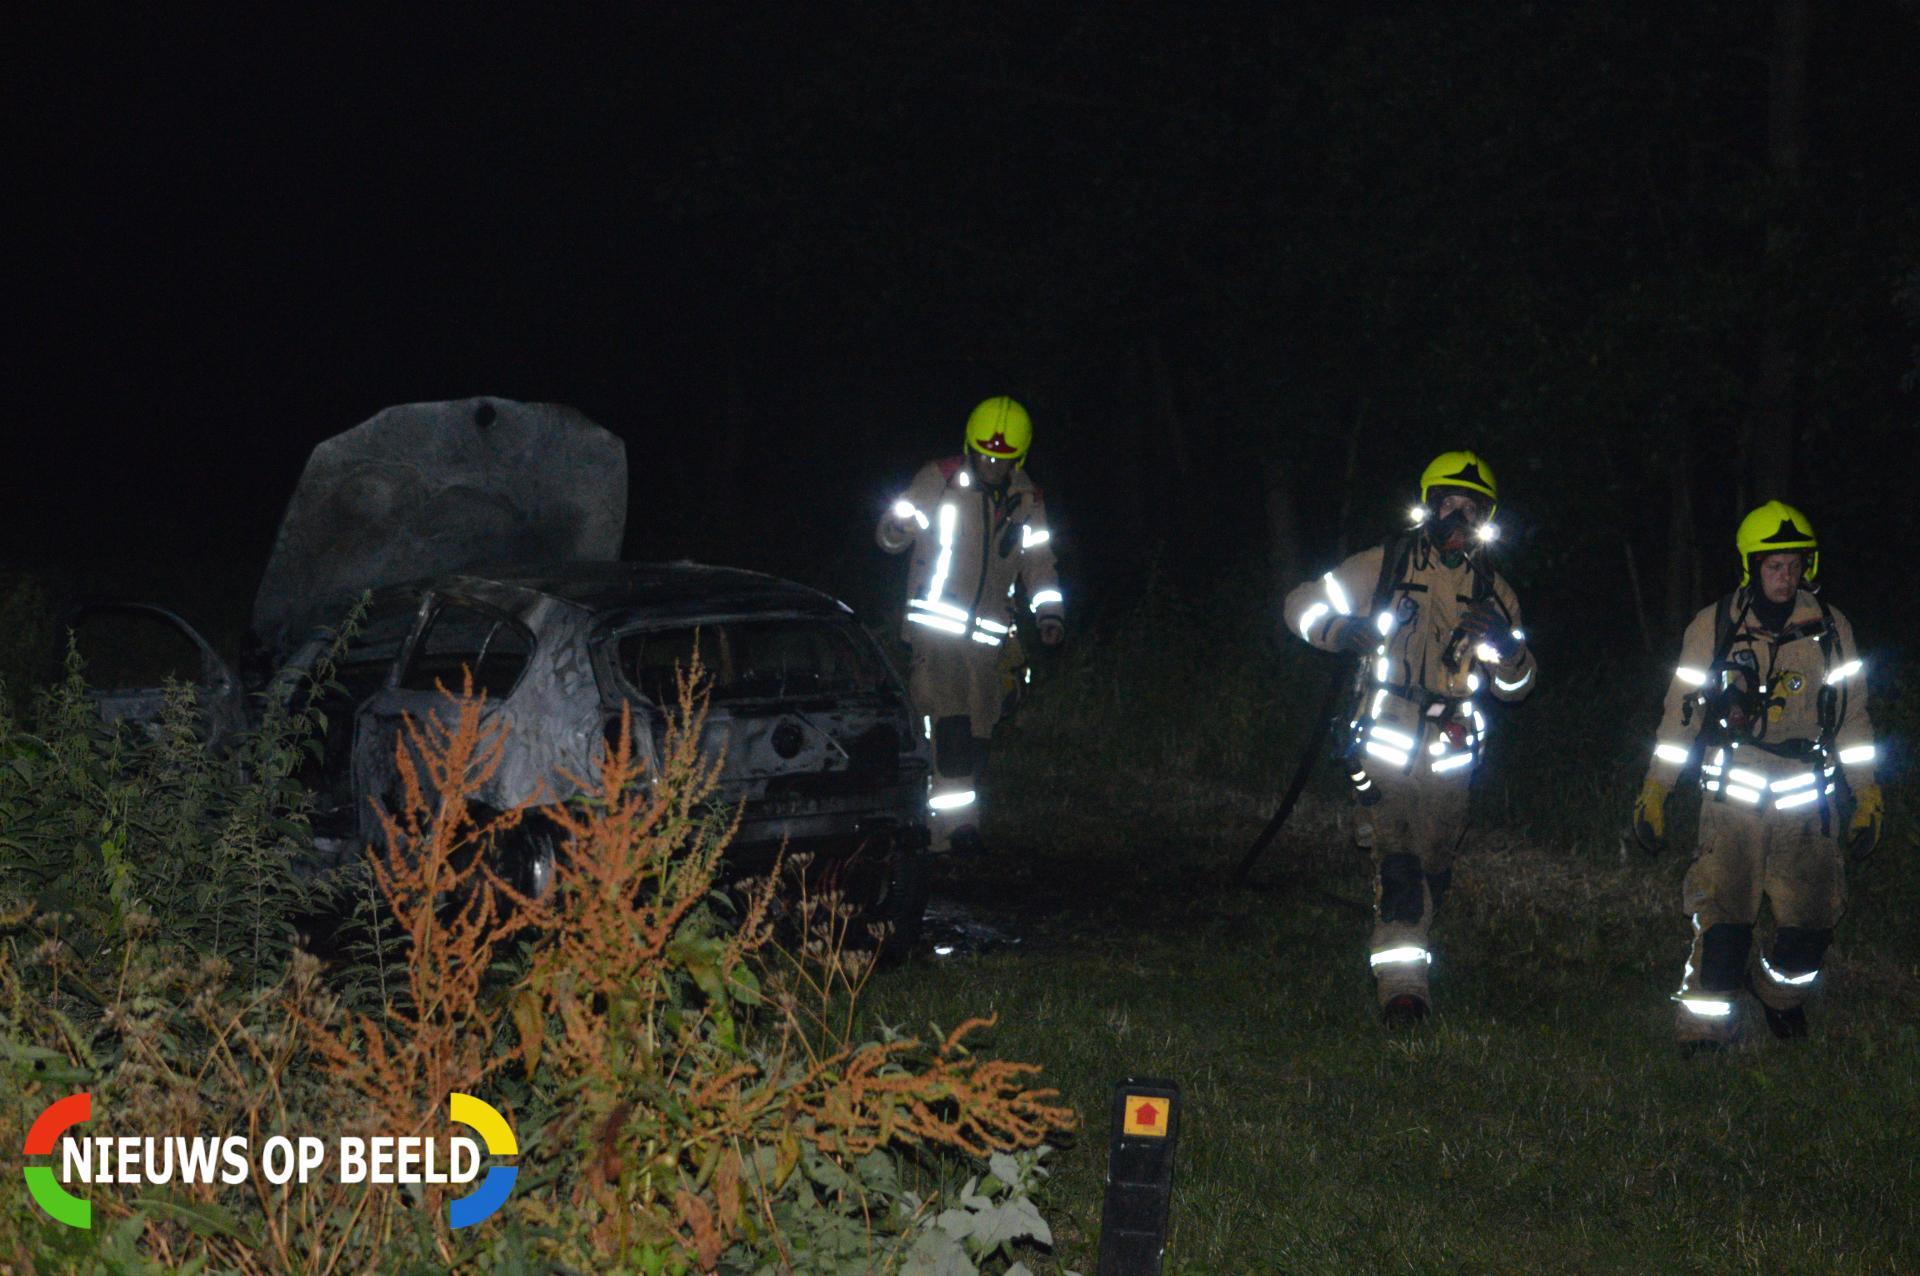 Brandweer blust brand in gedumpte auto Bosweg Bergschenhoek